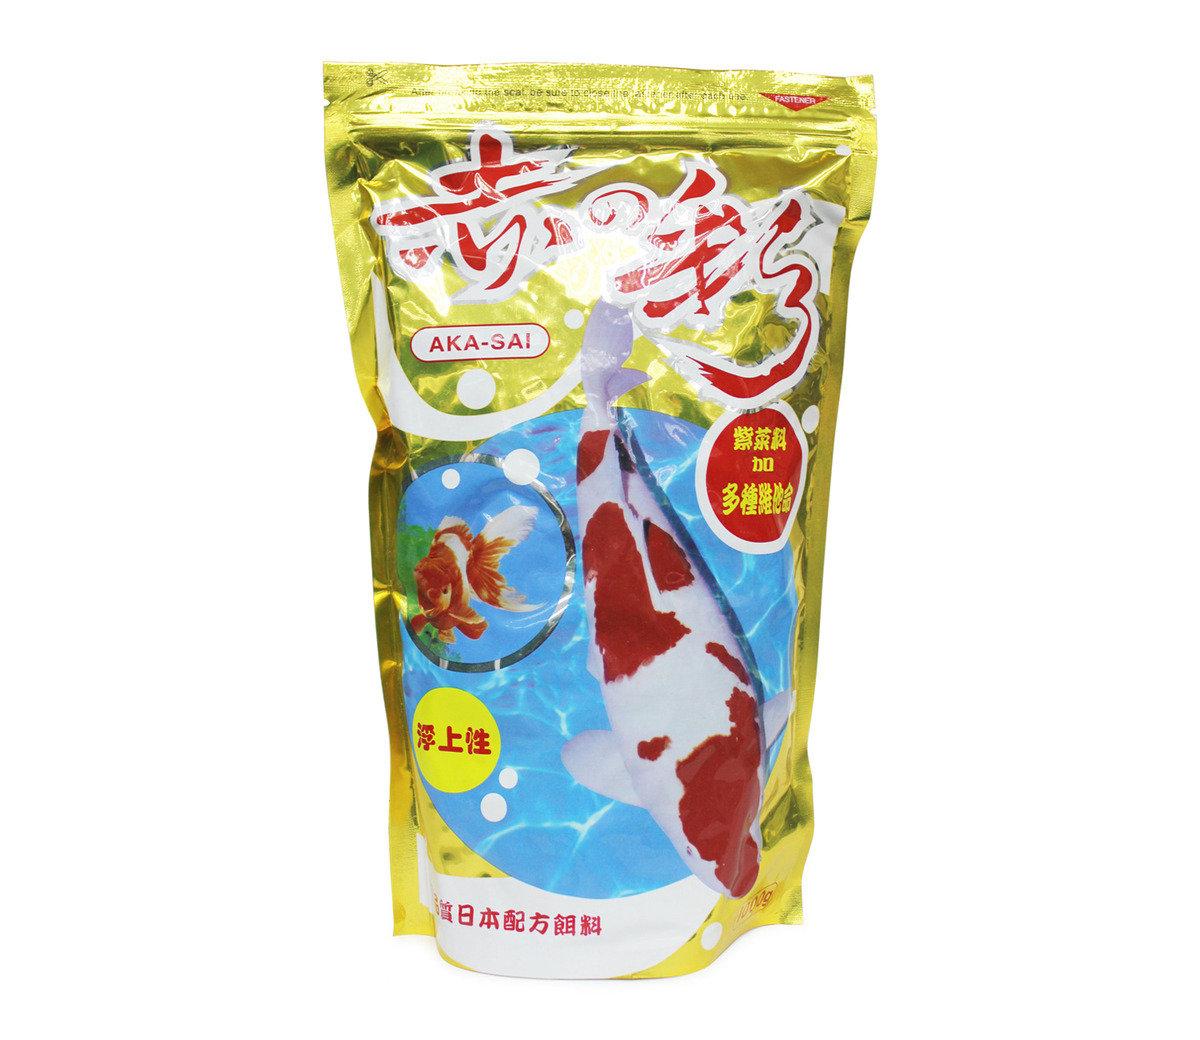 赤之彩丸多種維生素魚糧(1公斤)